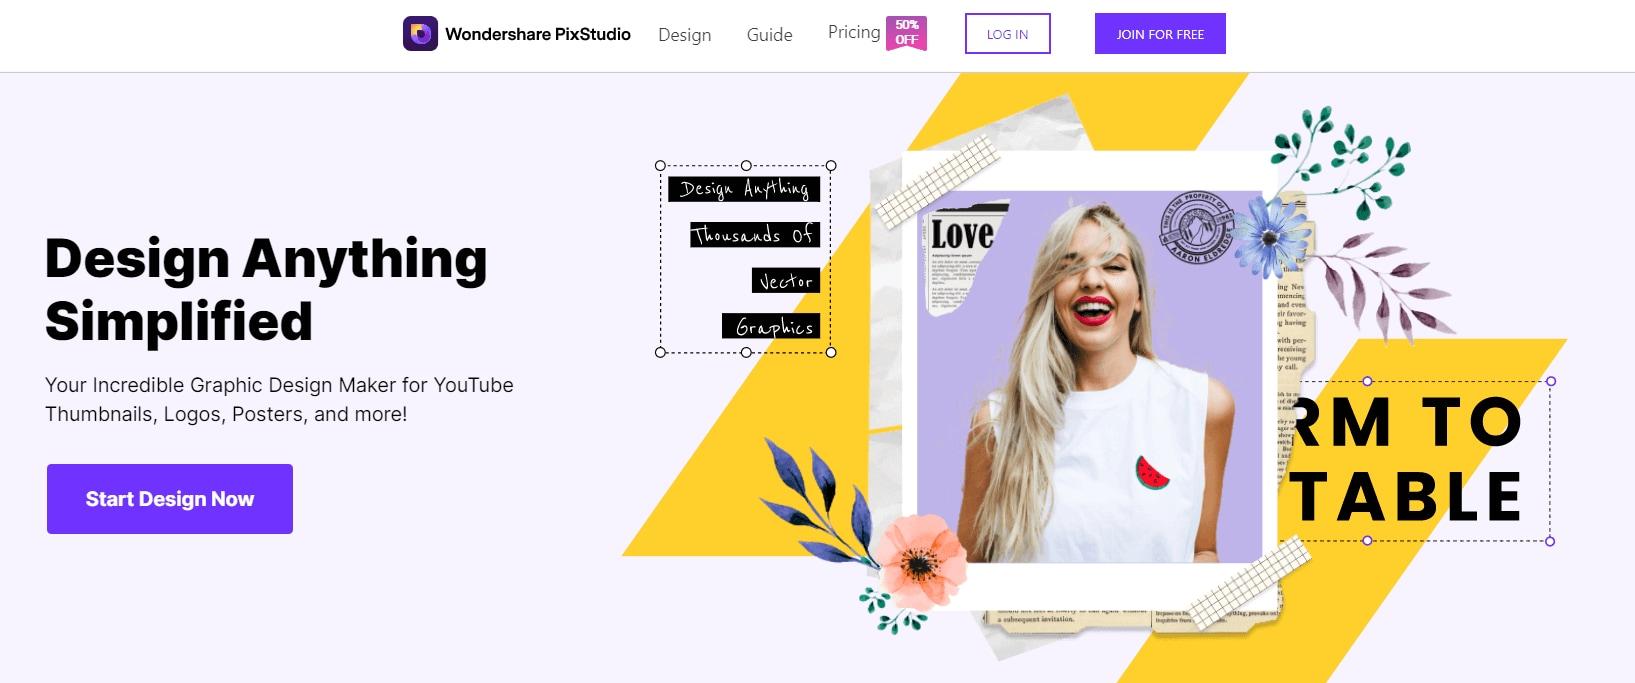 pixstudio-online-graphic-design-maker